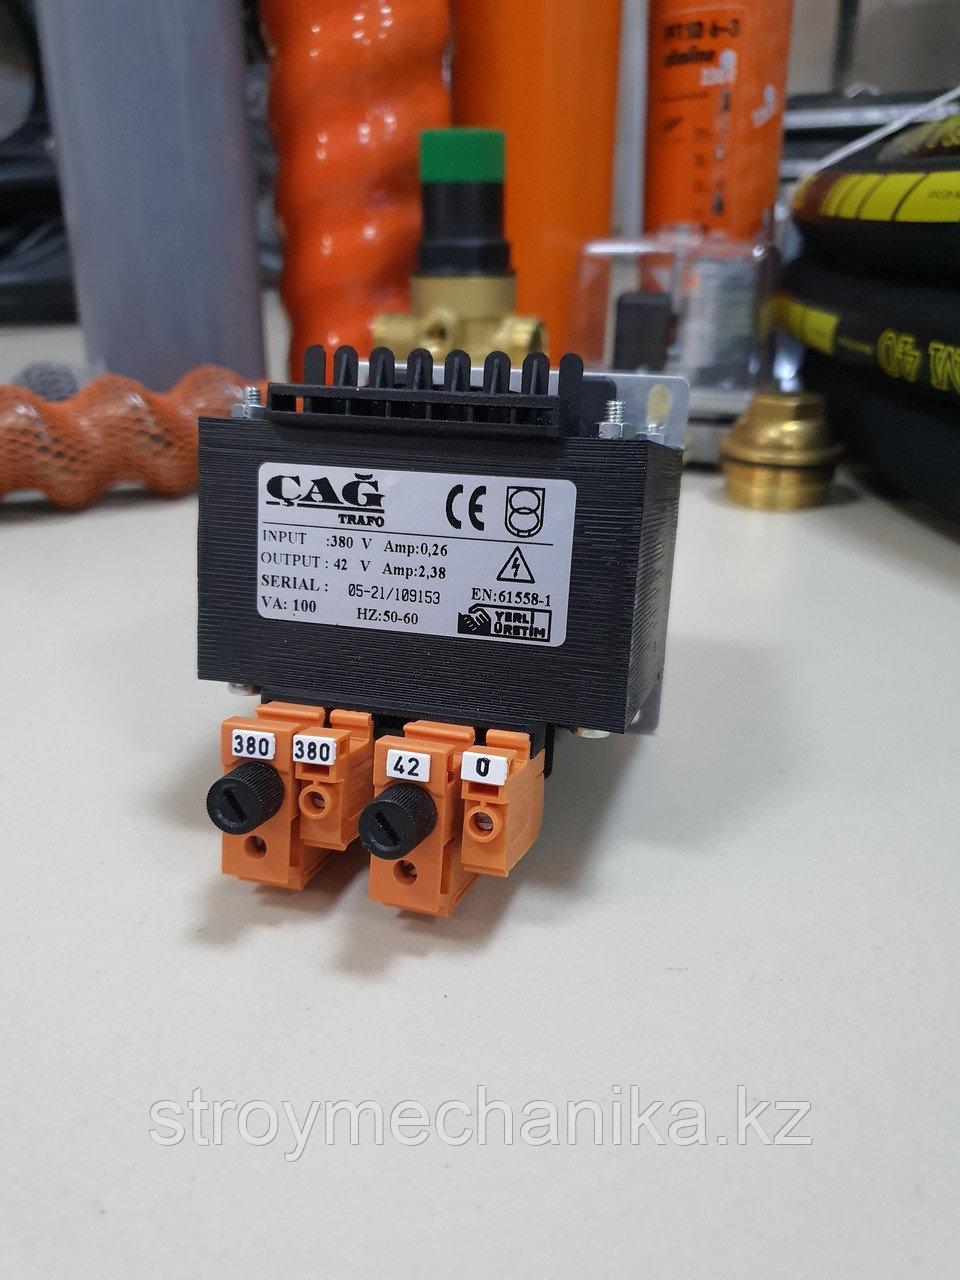 Трансформатор понижающий 380В / 42В для штукатурного агрегата